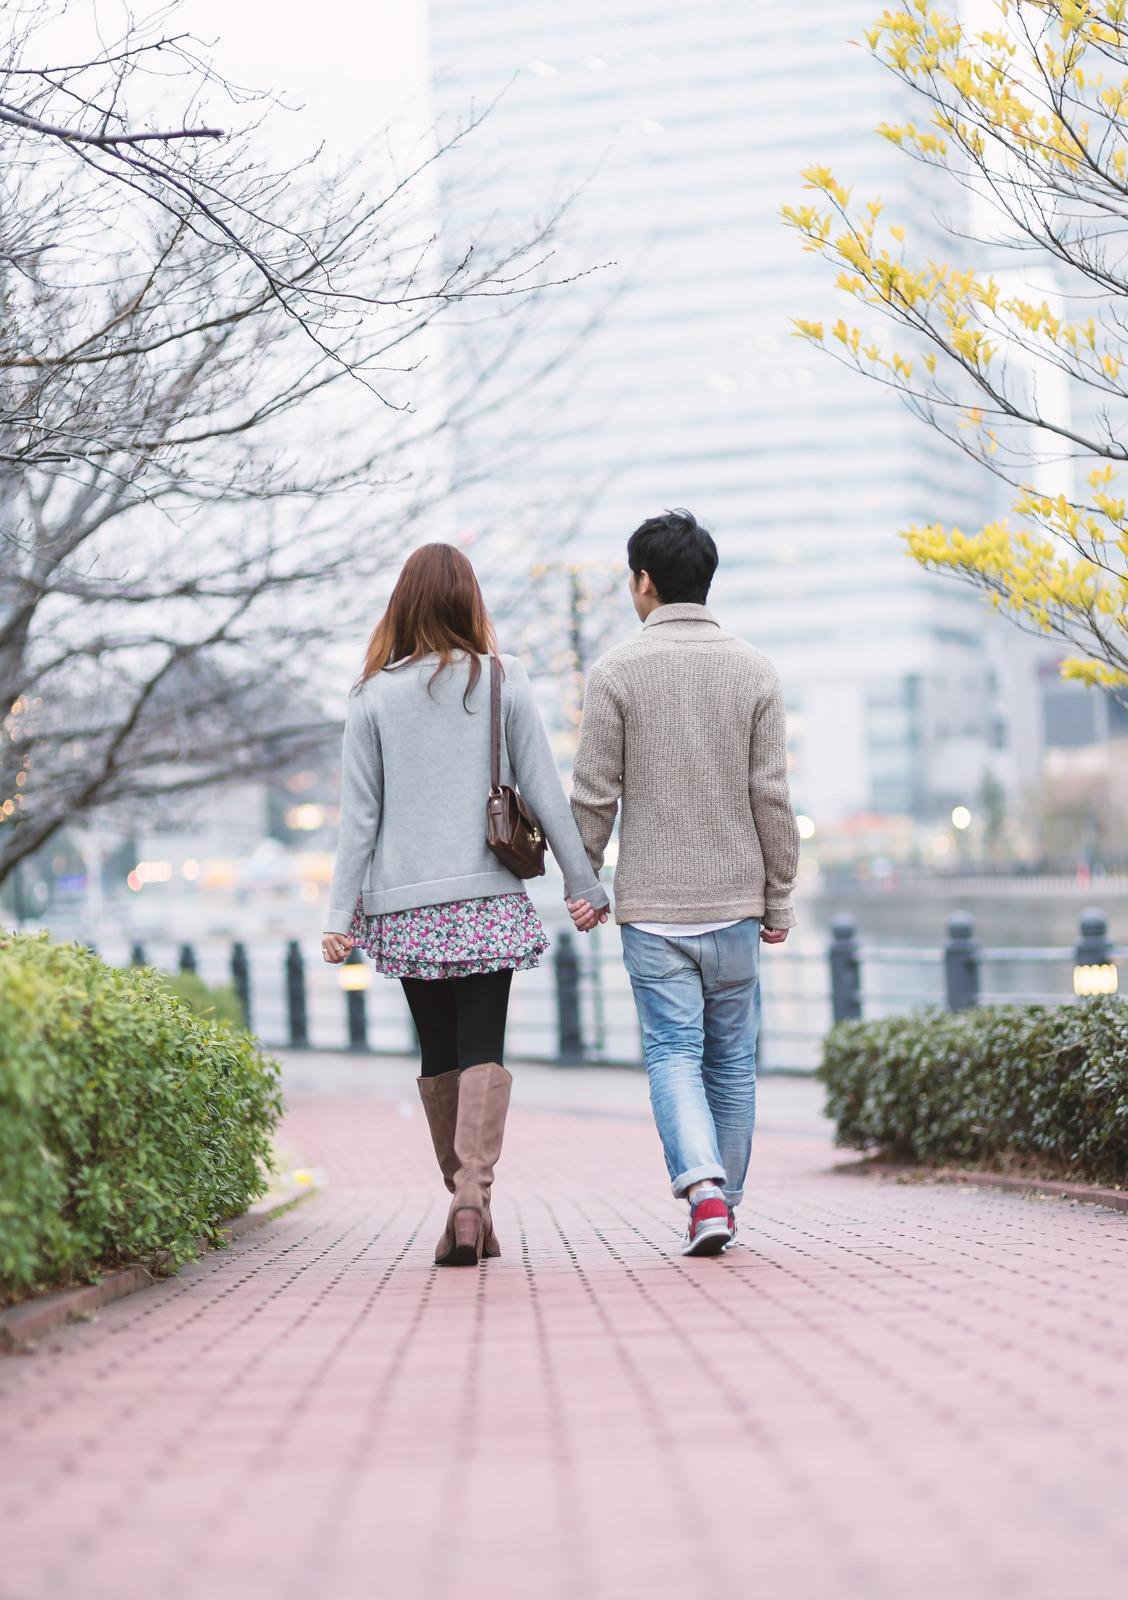 手をつなぎデートする若い男女手をつなぎデートする若い男女